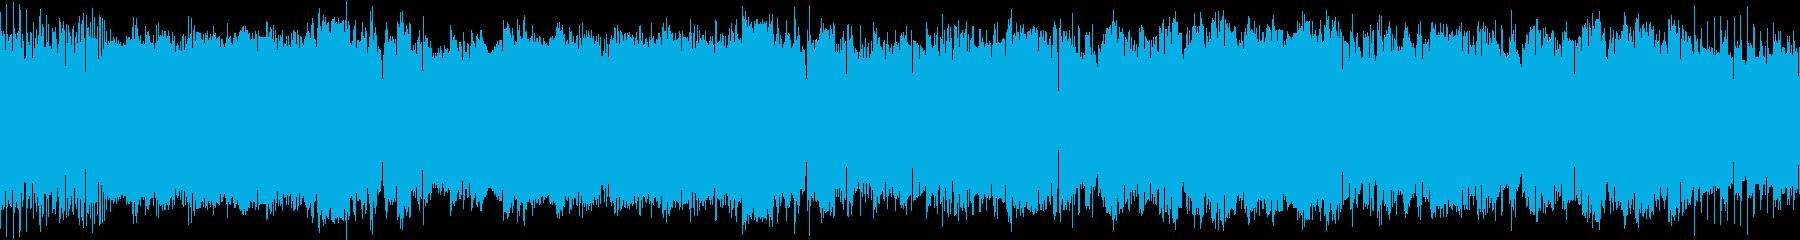 ファミコン音色のゲーム音楽の再生済みの波形